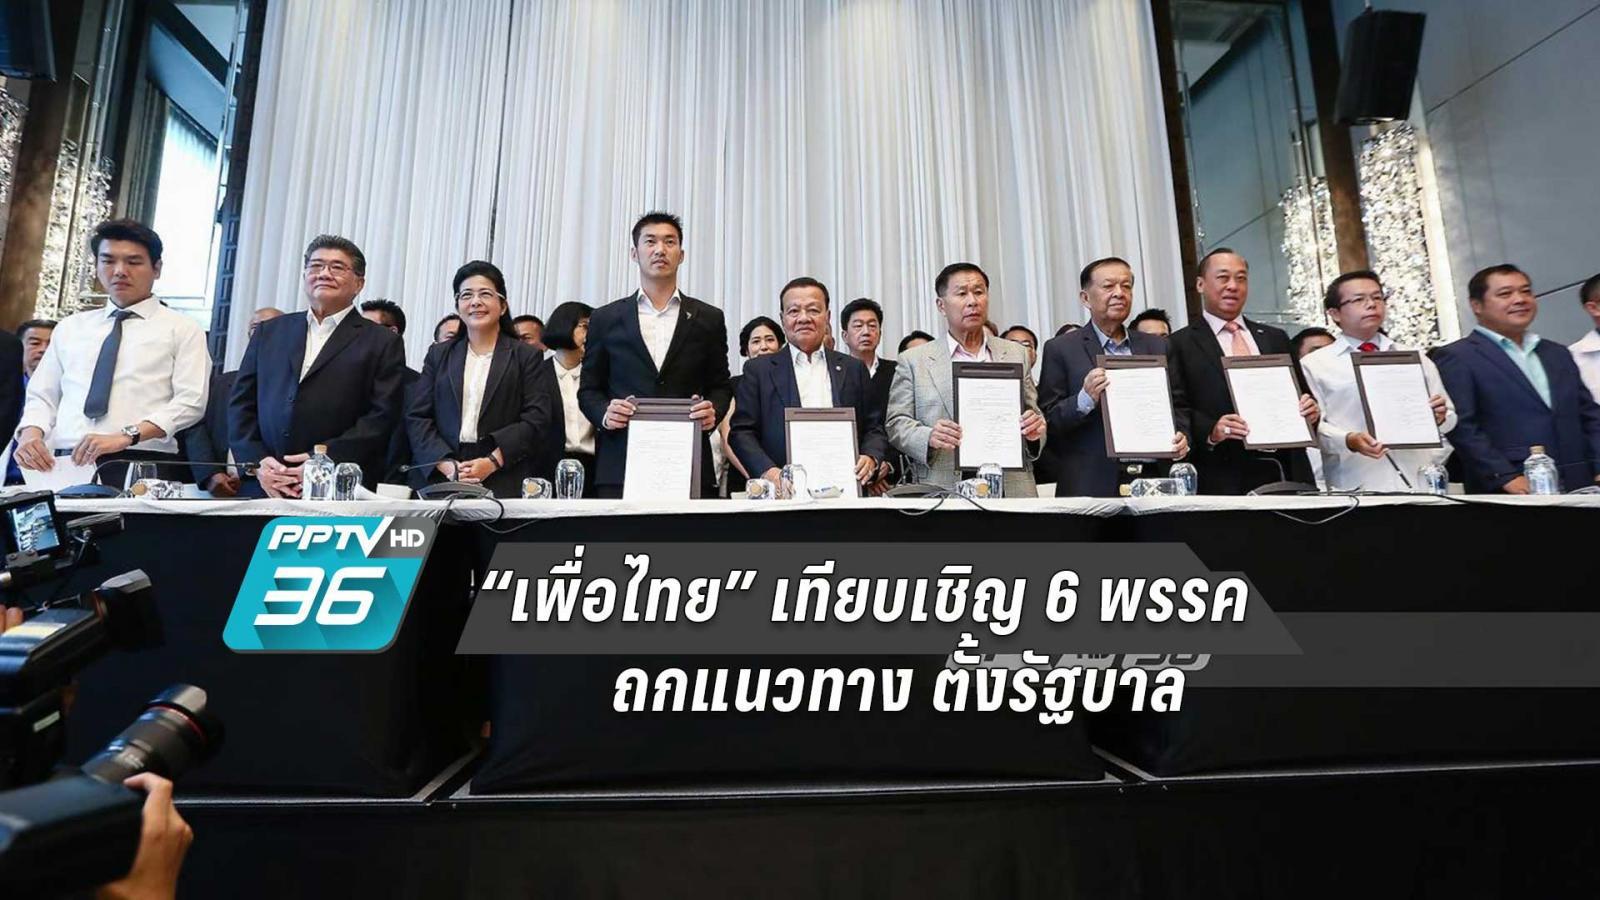 """""""เพื่อไทย"""" เทียบเชิญ 6 พรรค ถกแนวทาง ตั้งรัฐบาล"""